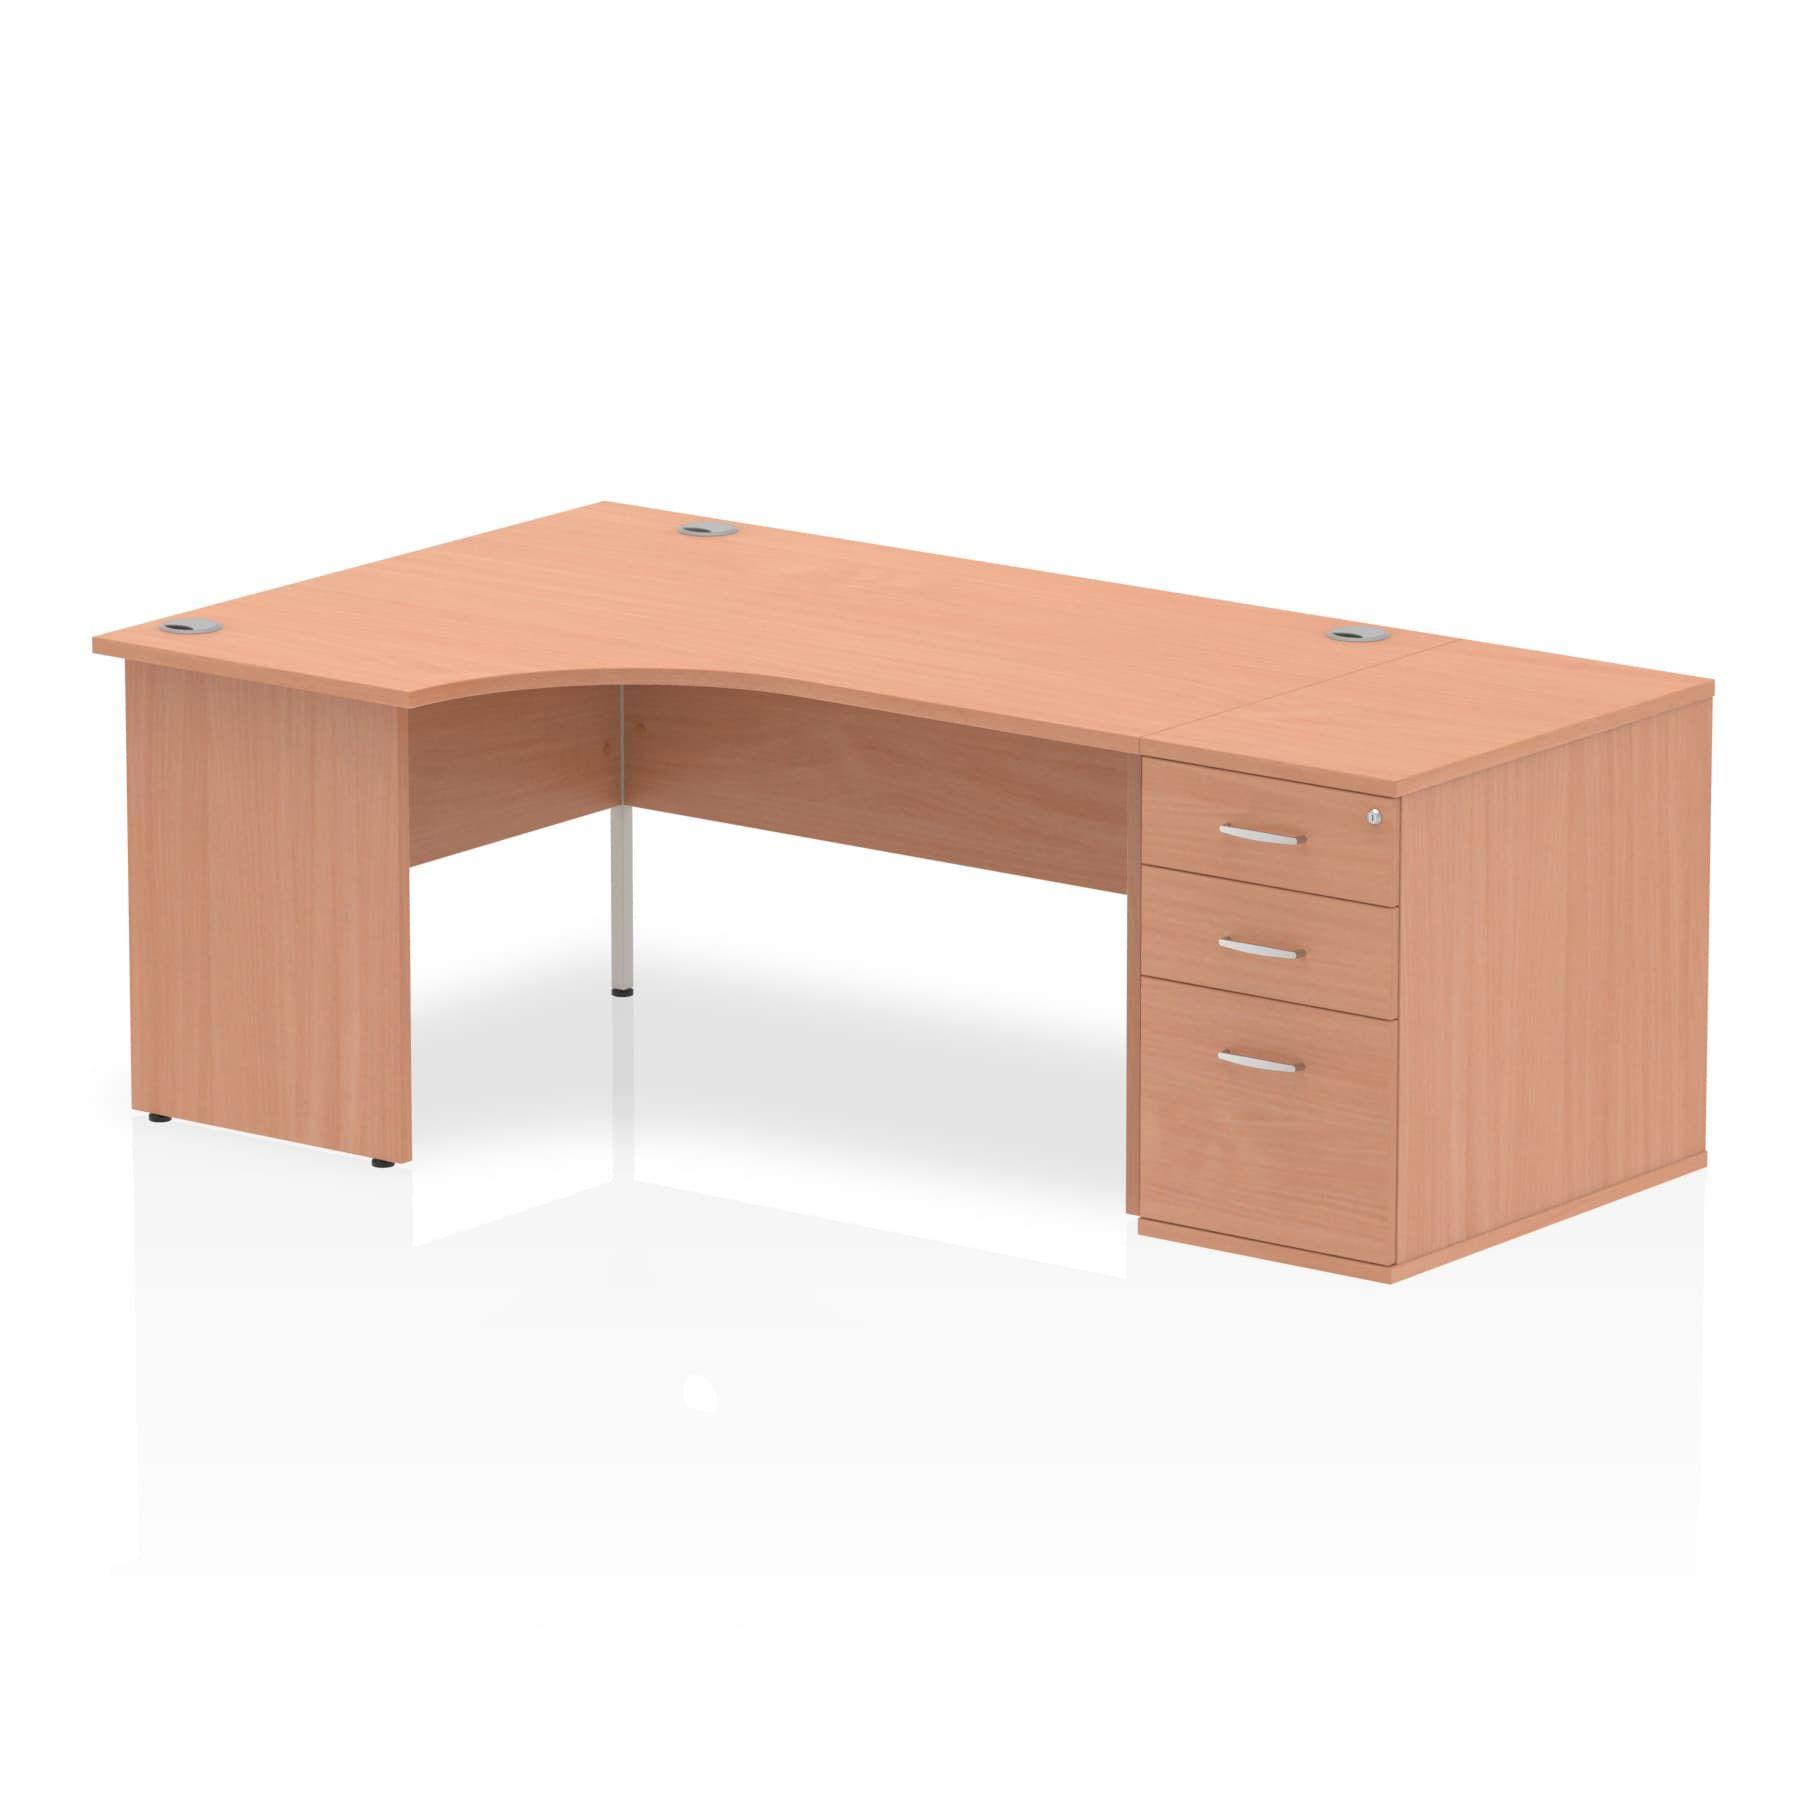 Impulse 1600 Left Hand Panel End Workstation 800mm Depth Pedestal Bundle